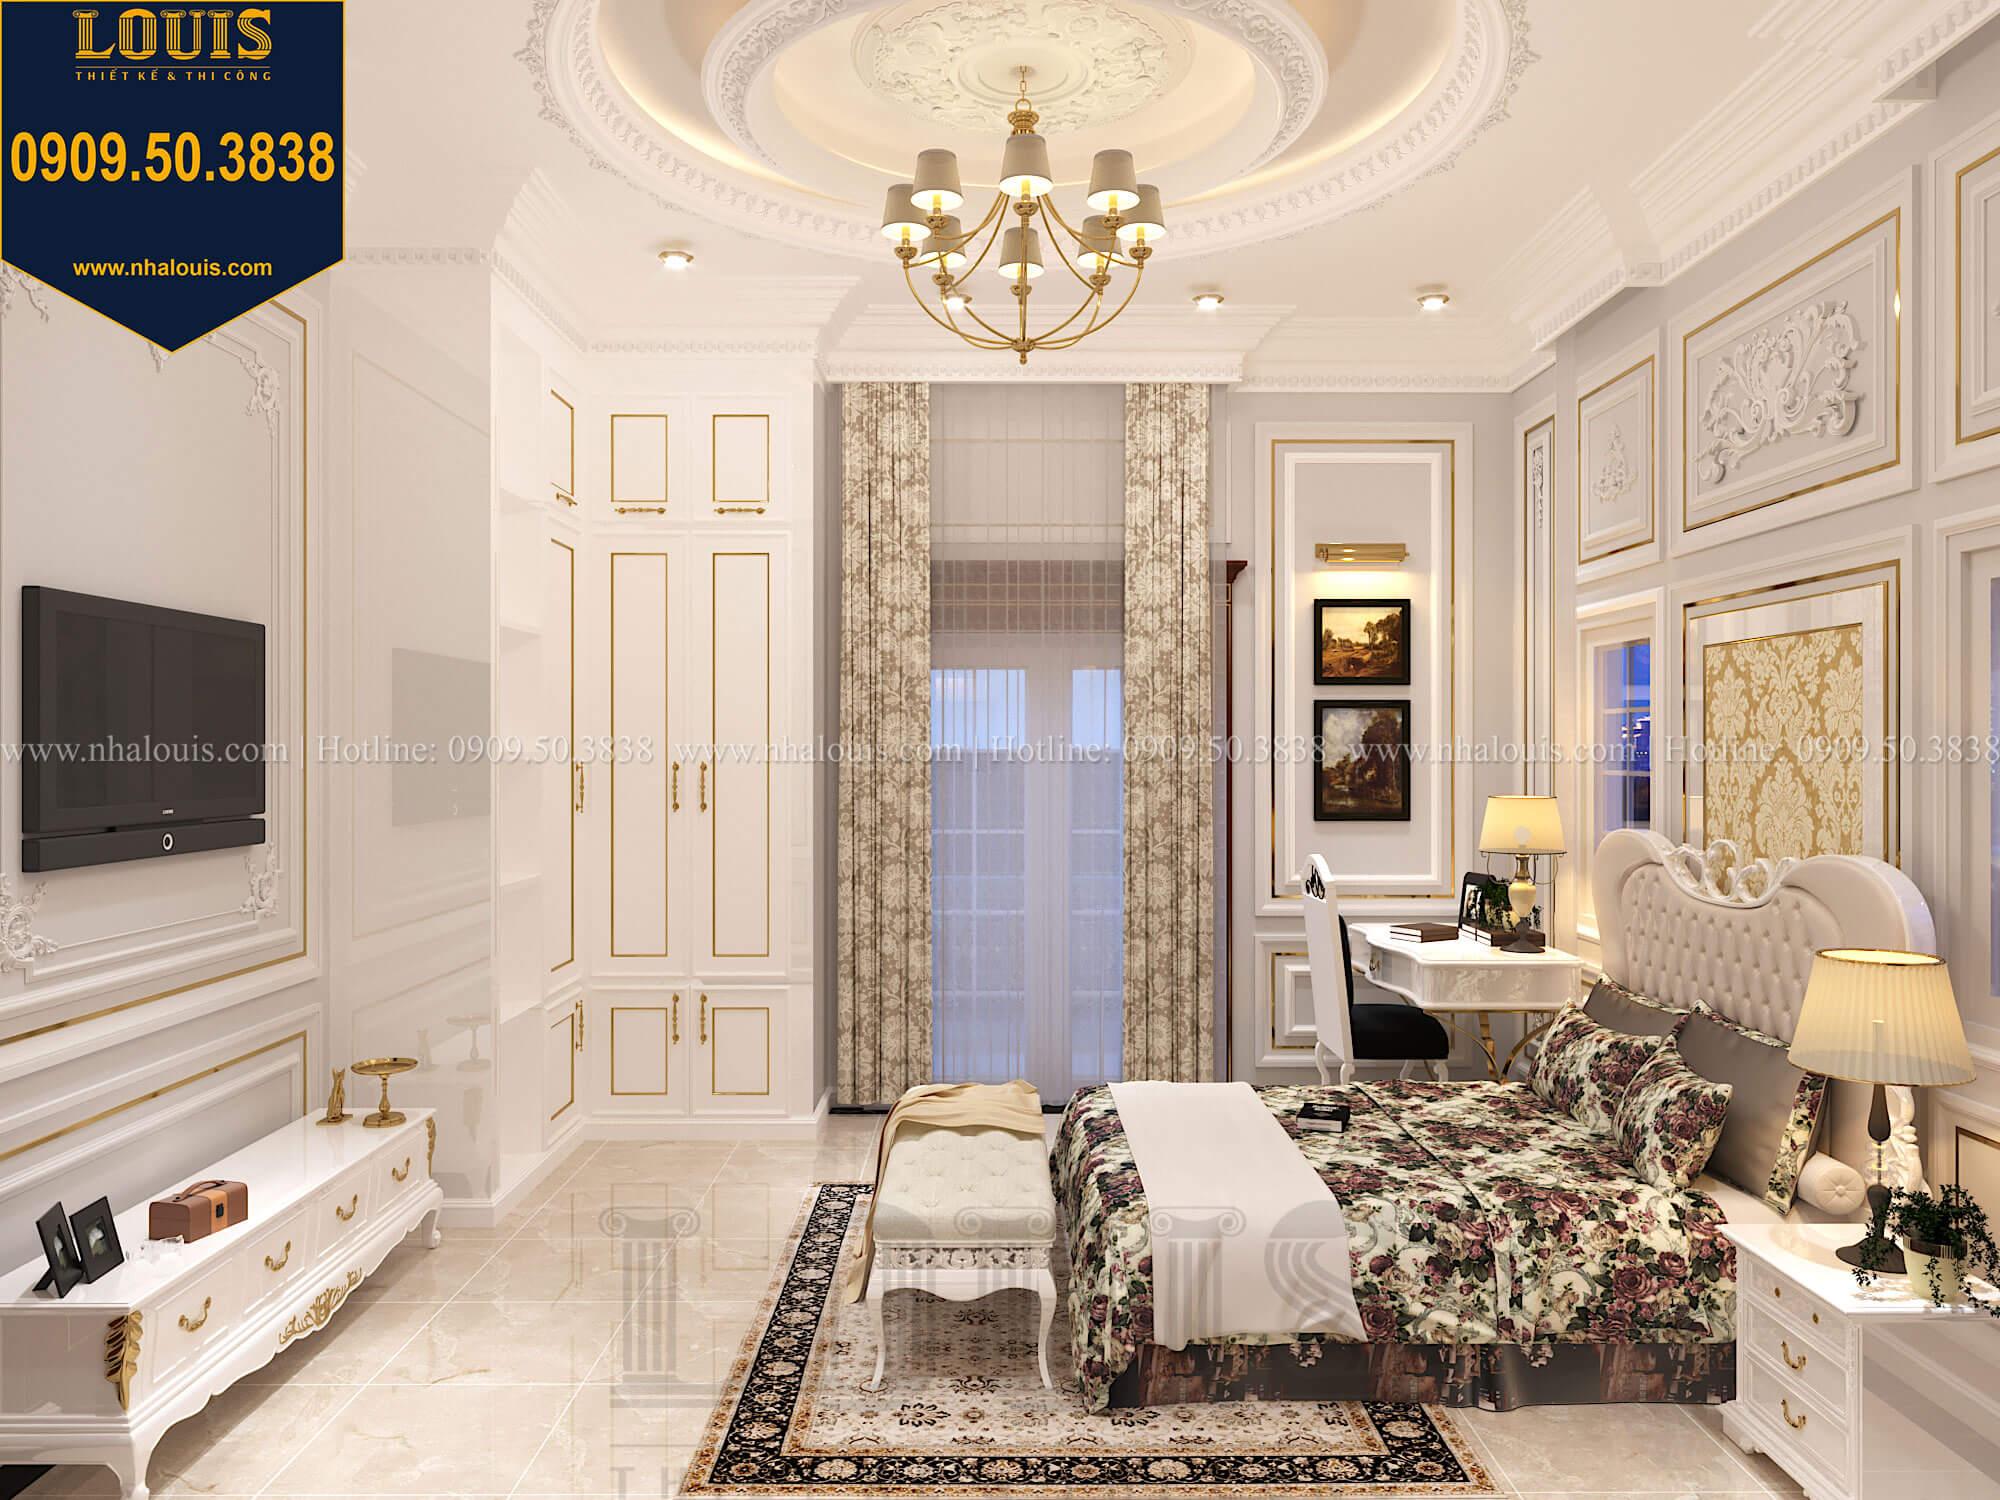 Phòng ngủ con gái Thiết kế biệt thự cổ điển 2 tầng nguy nga và đẳng cấp tại Tây Ninh - 57